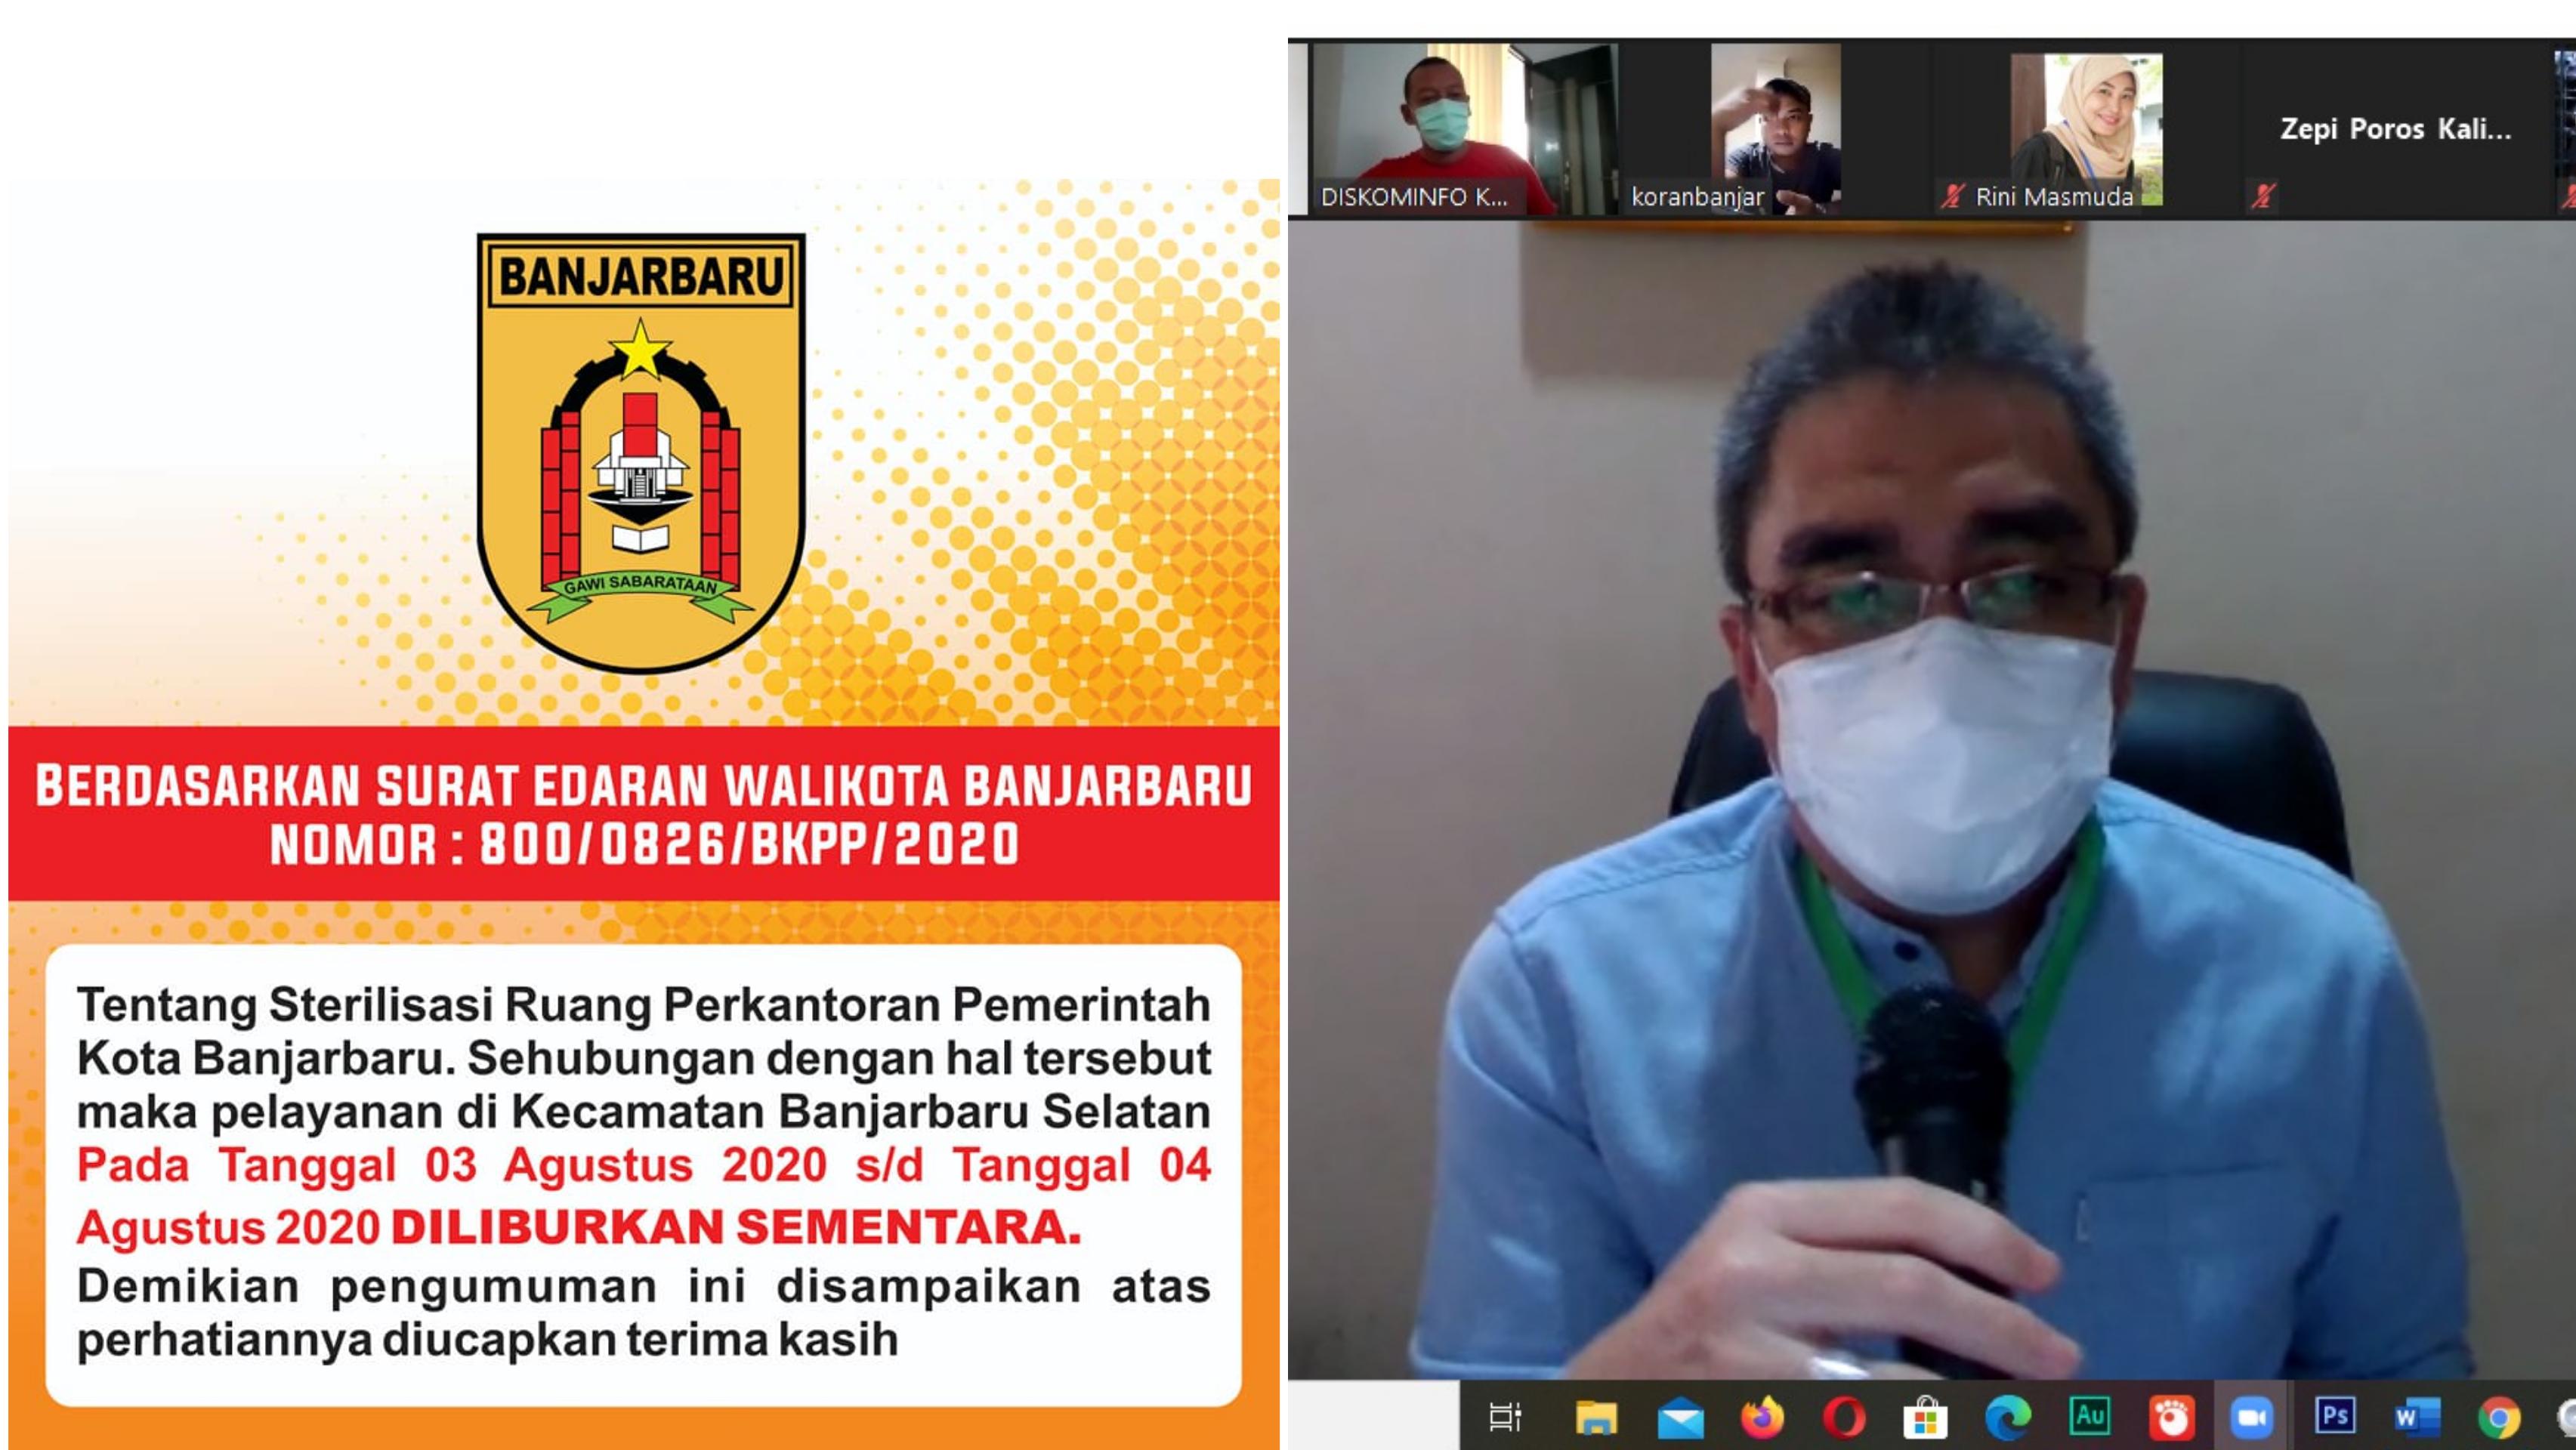 SEKDA DAN EMPAT PEJABAT Pemko Banjarbaru Susul Walikotanya Terpapar COVID-19